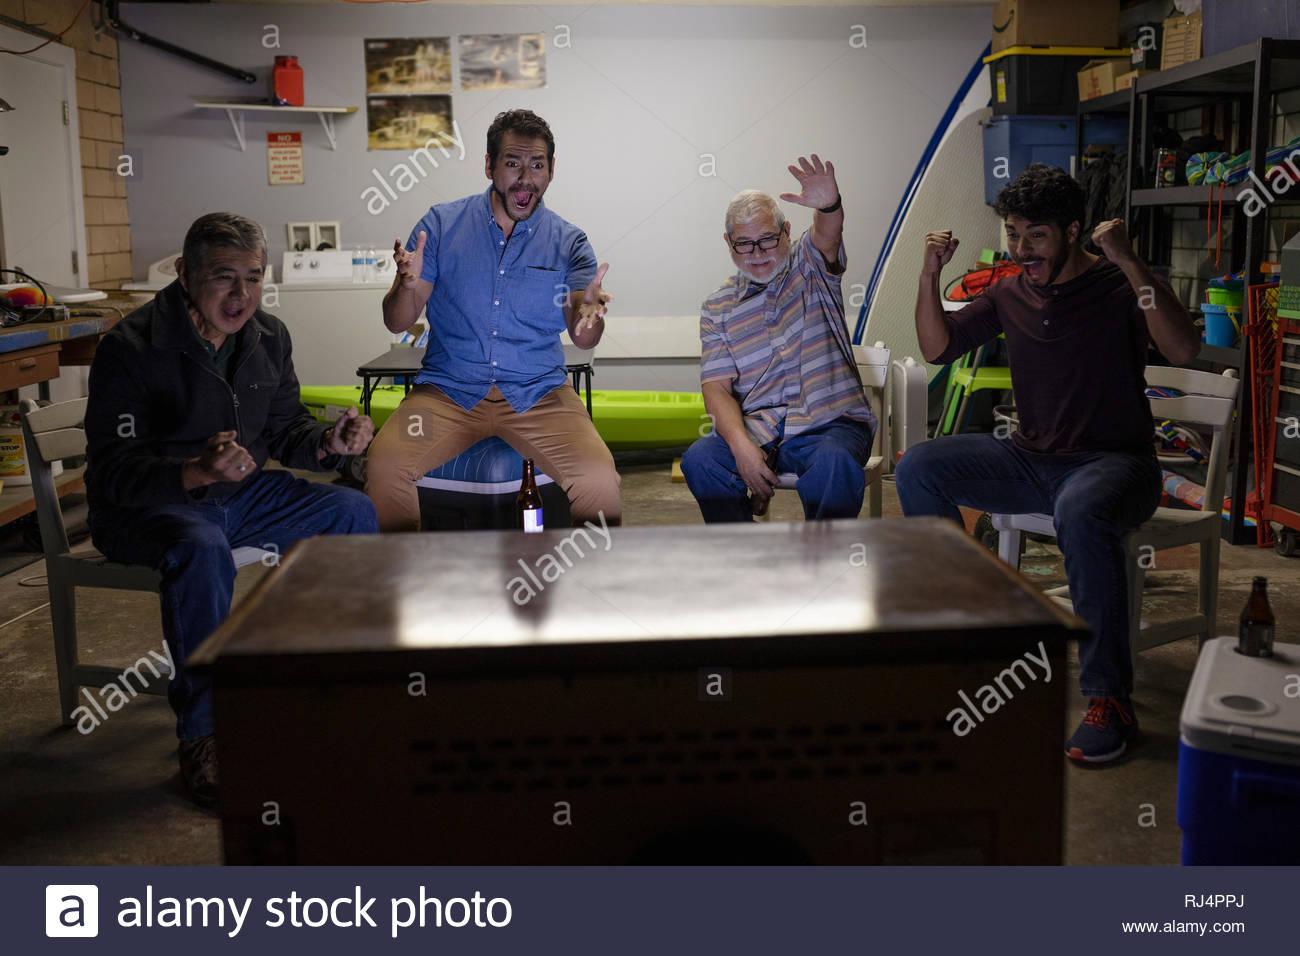 Los hombres Latinx viendo deportes en la televisión en el garaje Imagen De Stock